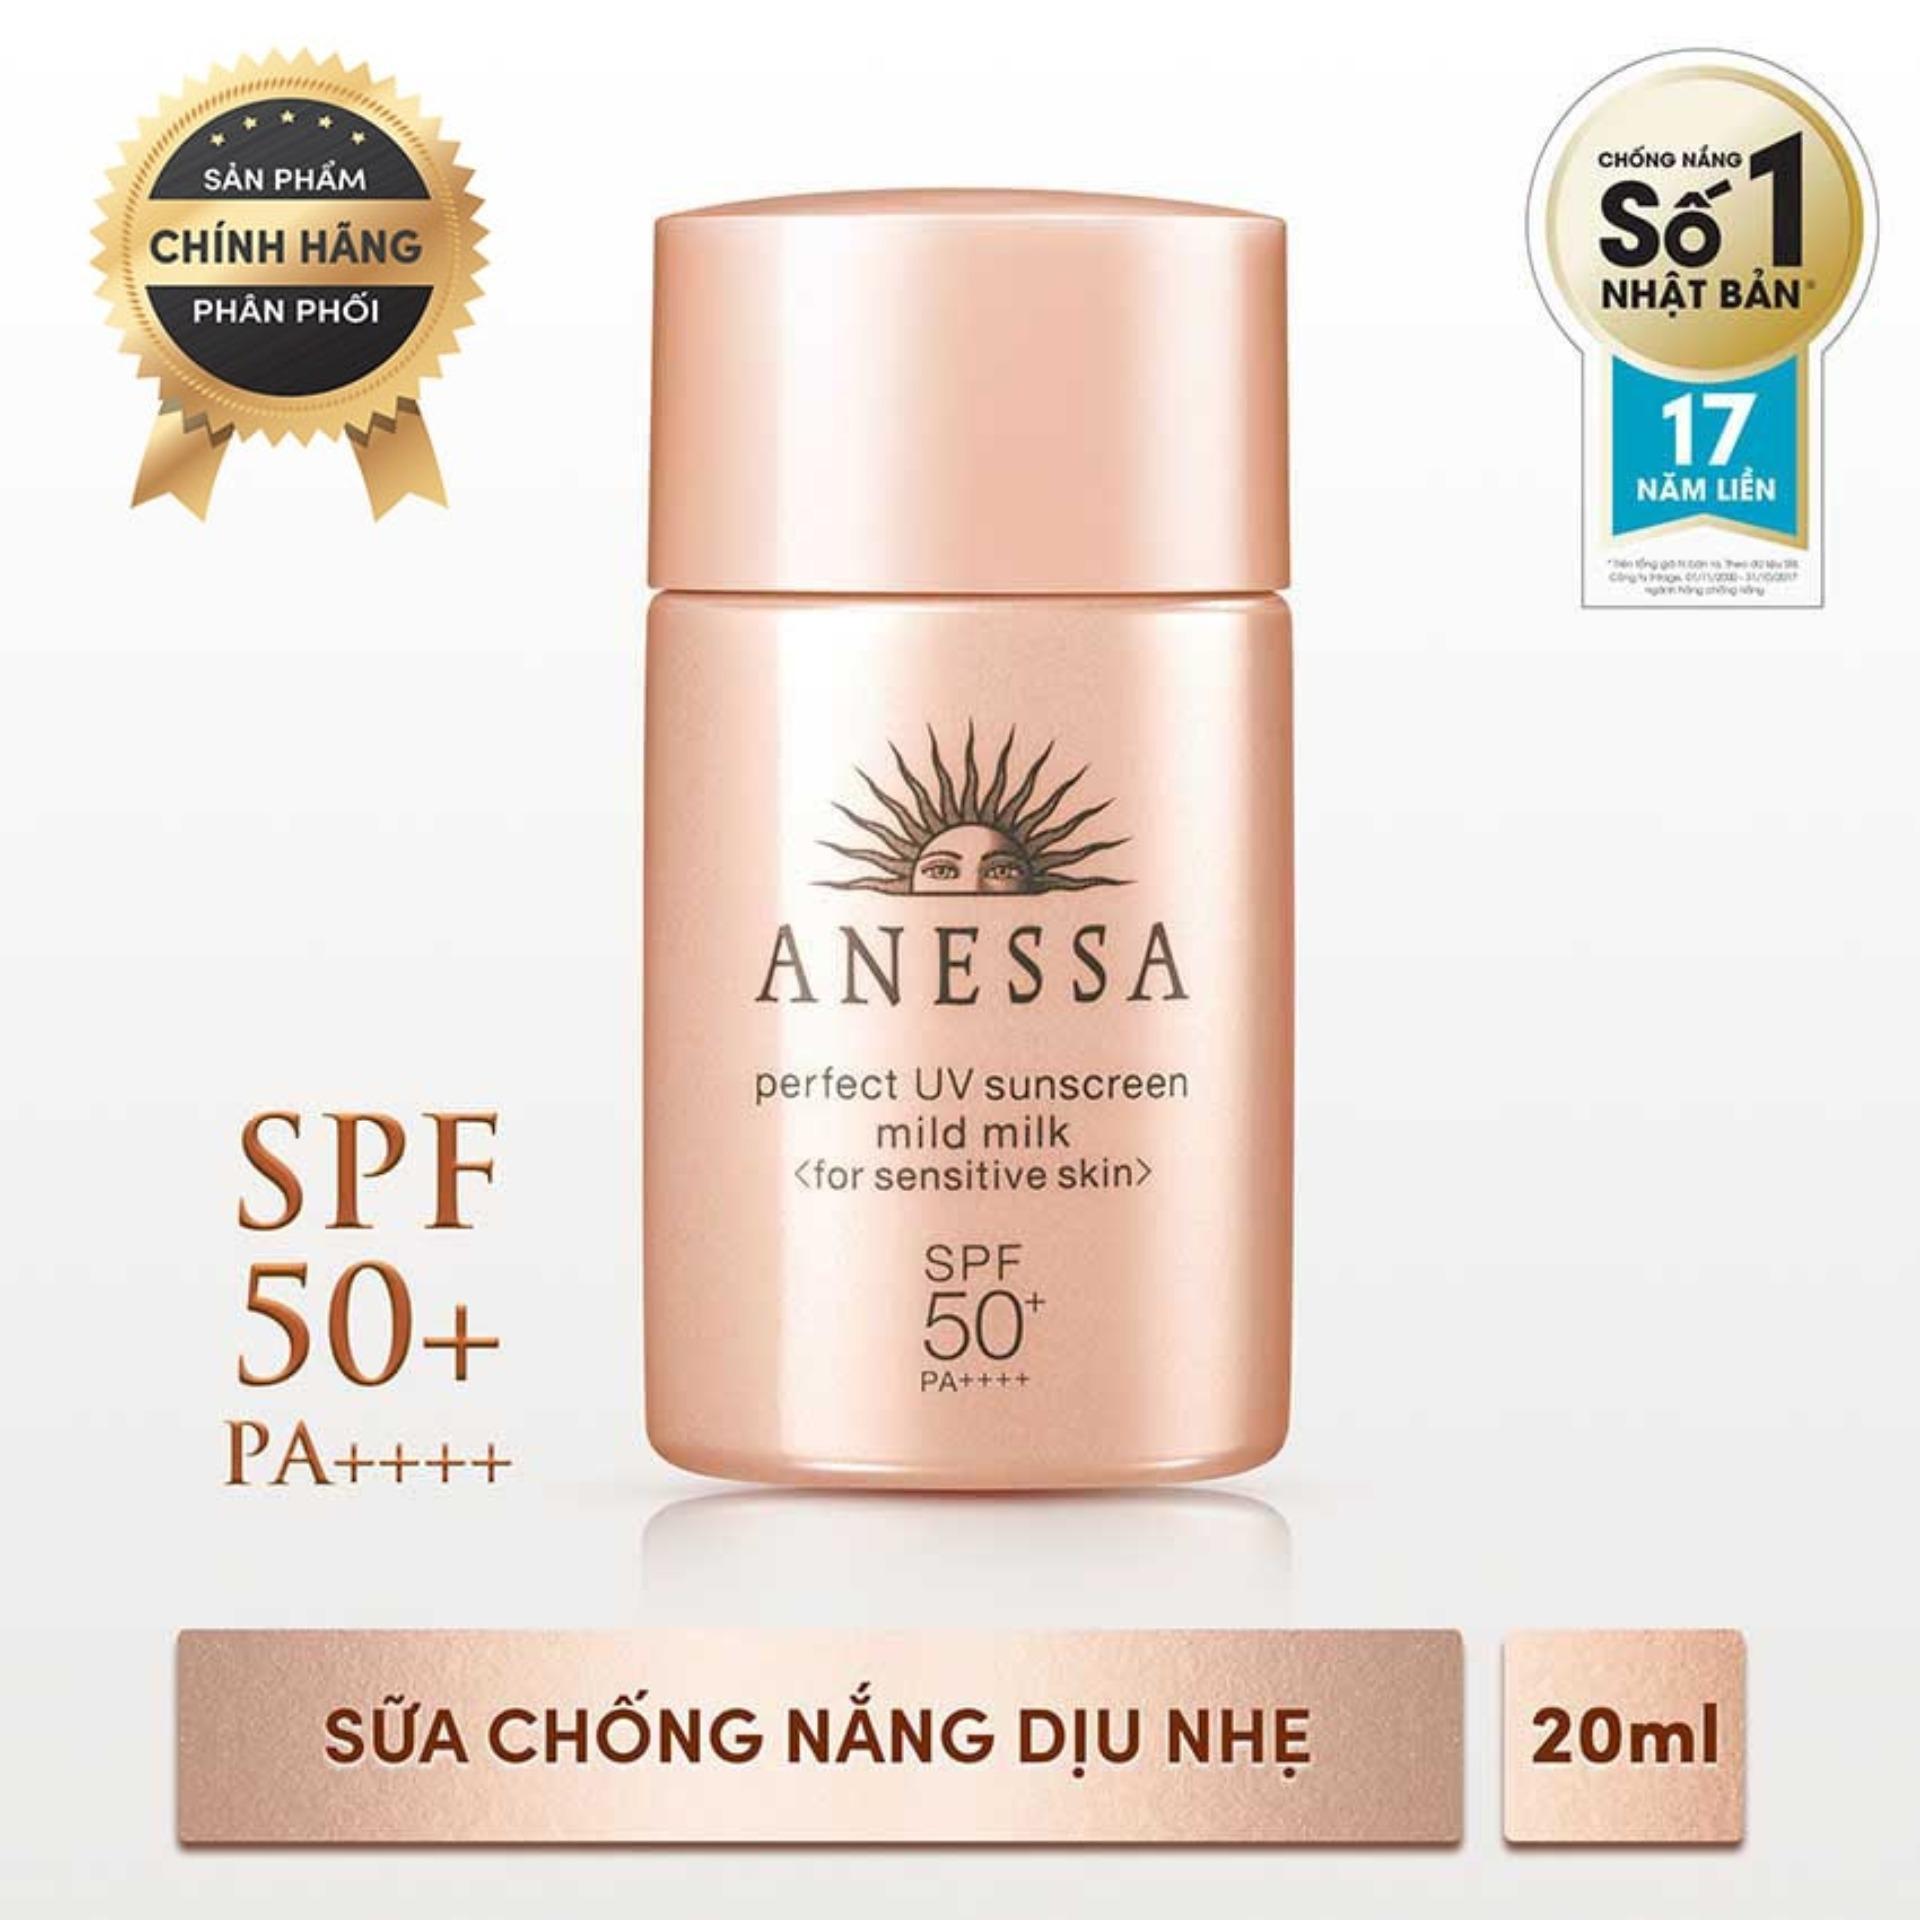 Sữa chống nắng dịu nhẹ cho da nhạy cảm Anessa Perfect UV Sunscreen Mild Milk - SPF50+, PA++++ - 20ml nhập khẩu